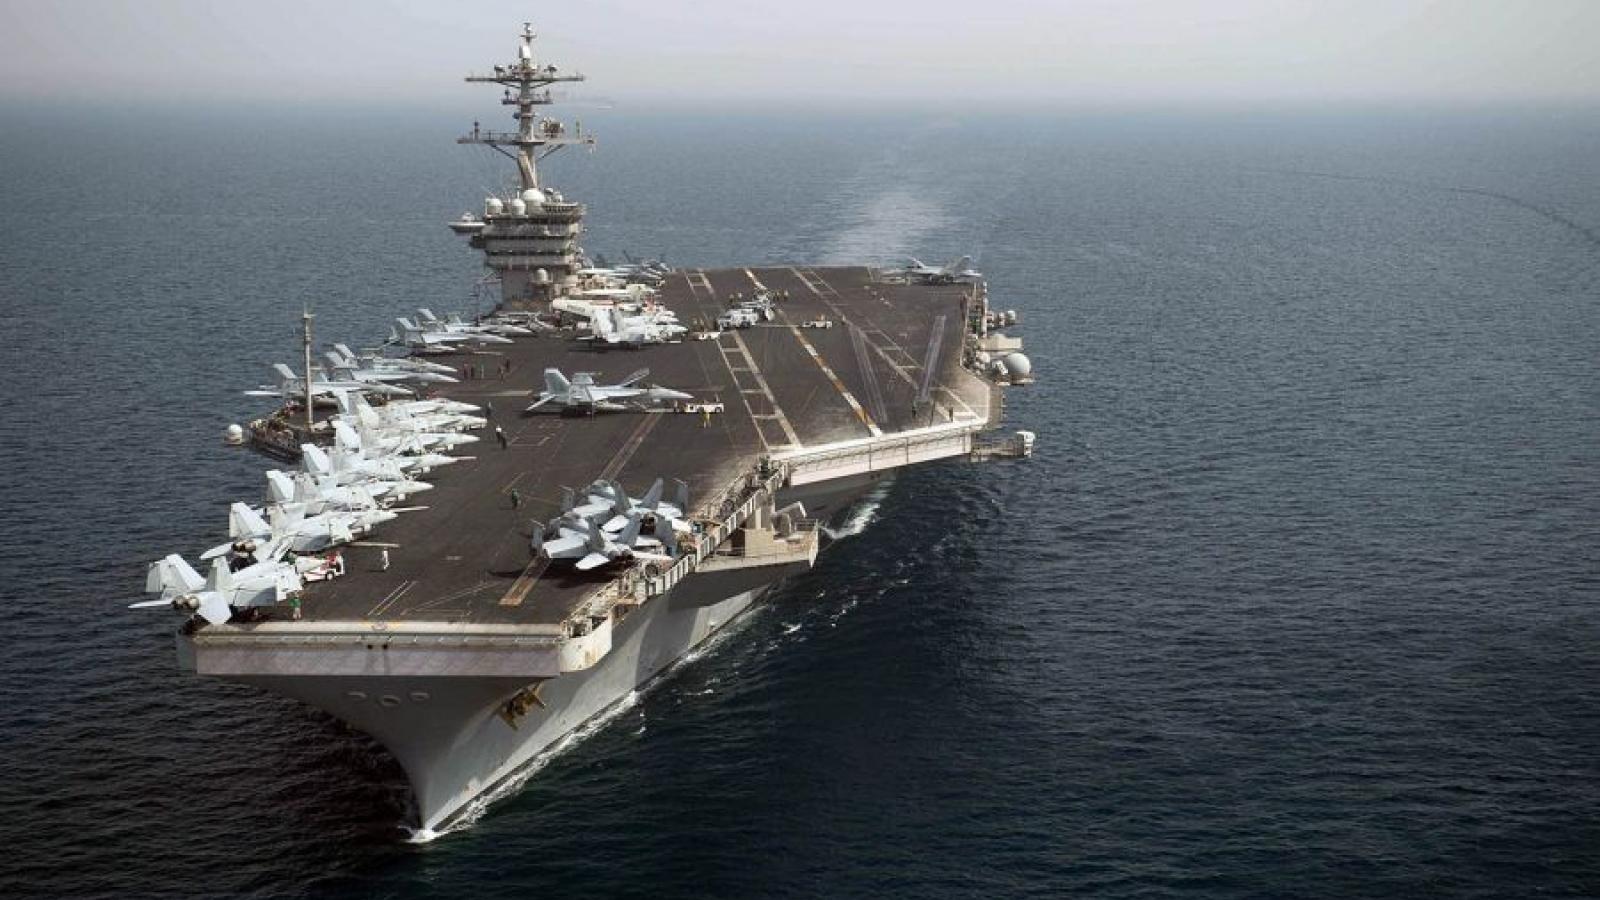 Chuyên gia Nga: Mỹ có thể đánh bại Trung Quốc trong trận chiến tàu sân bay